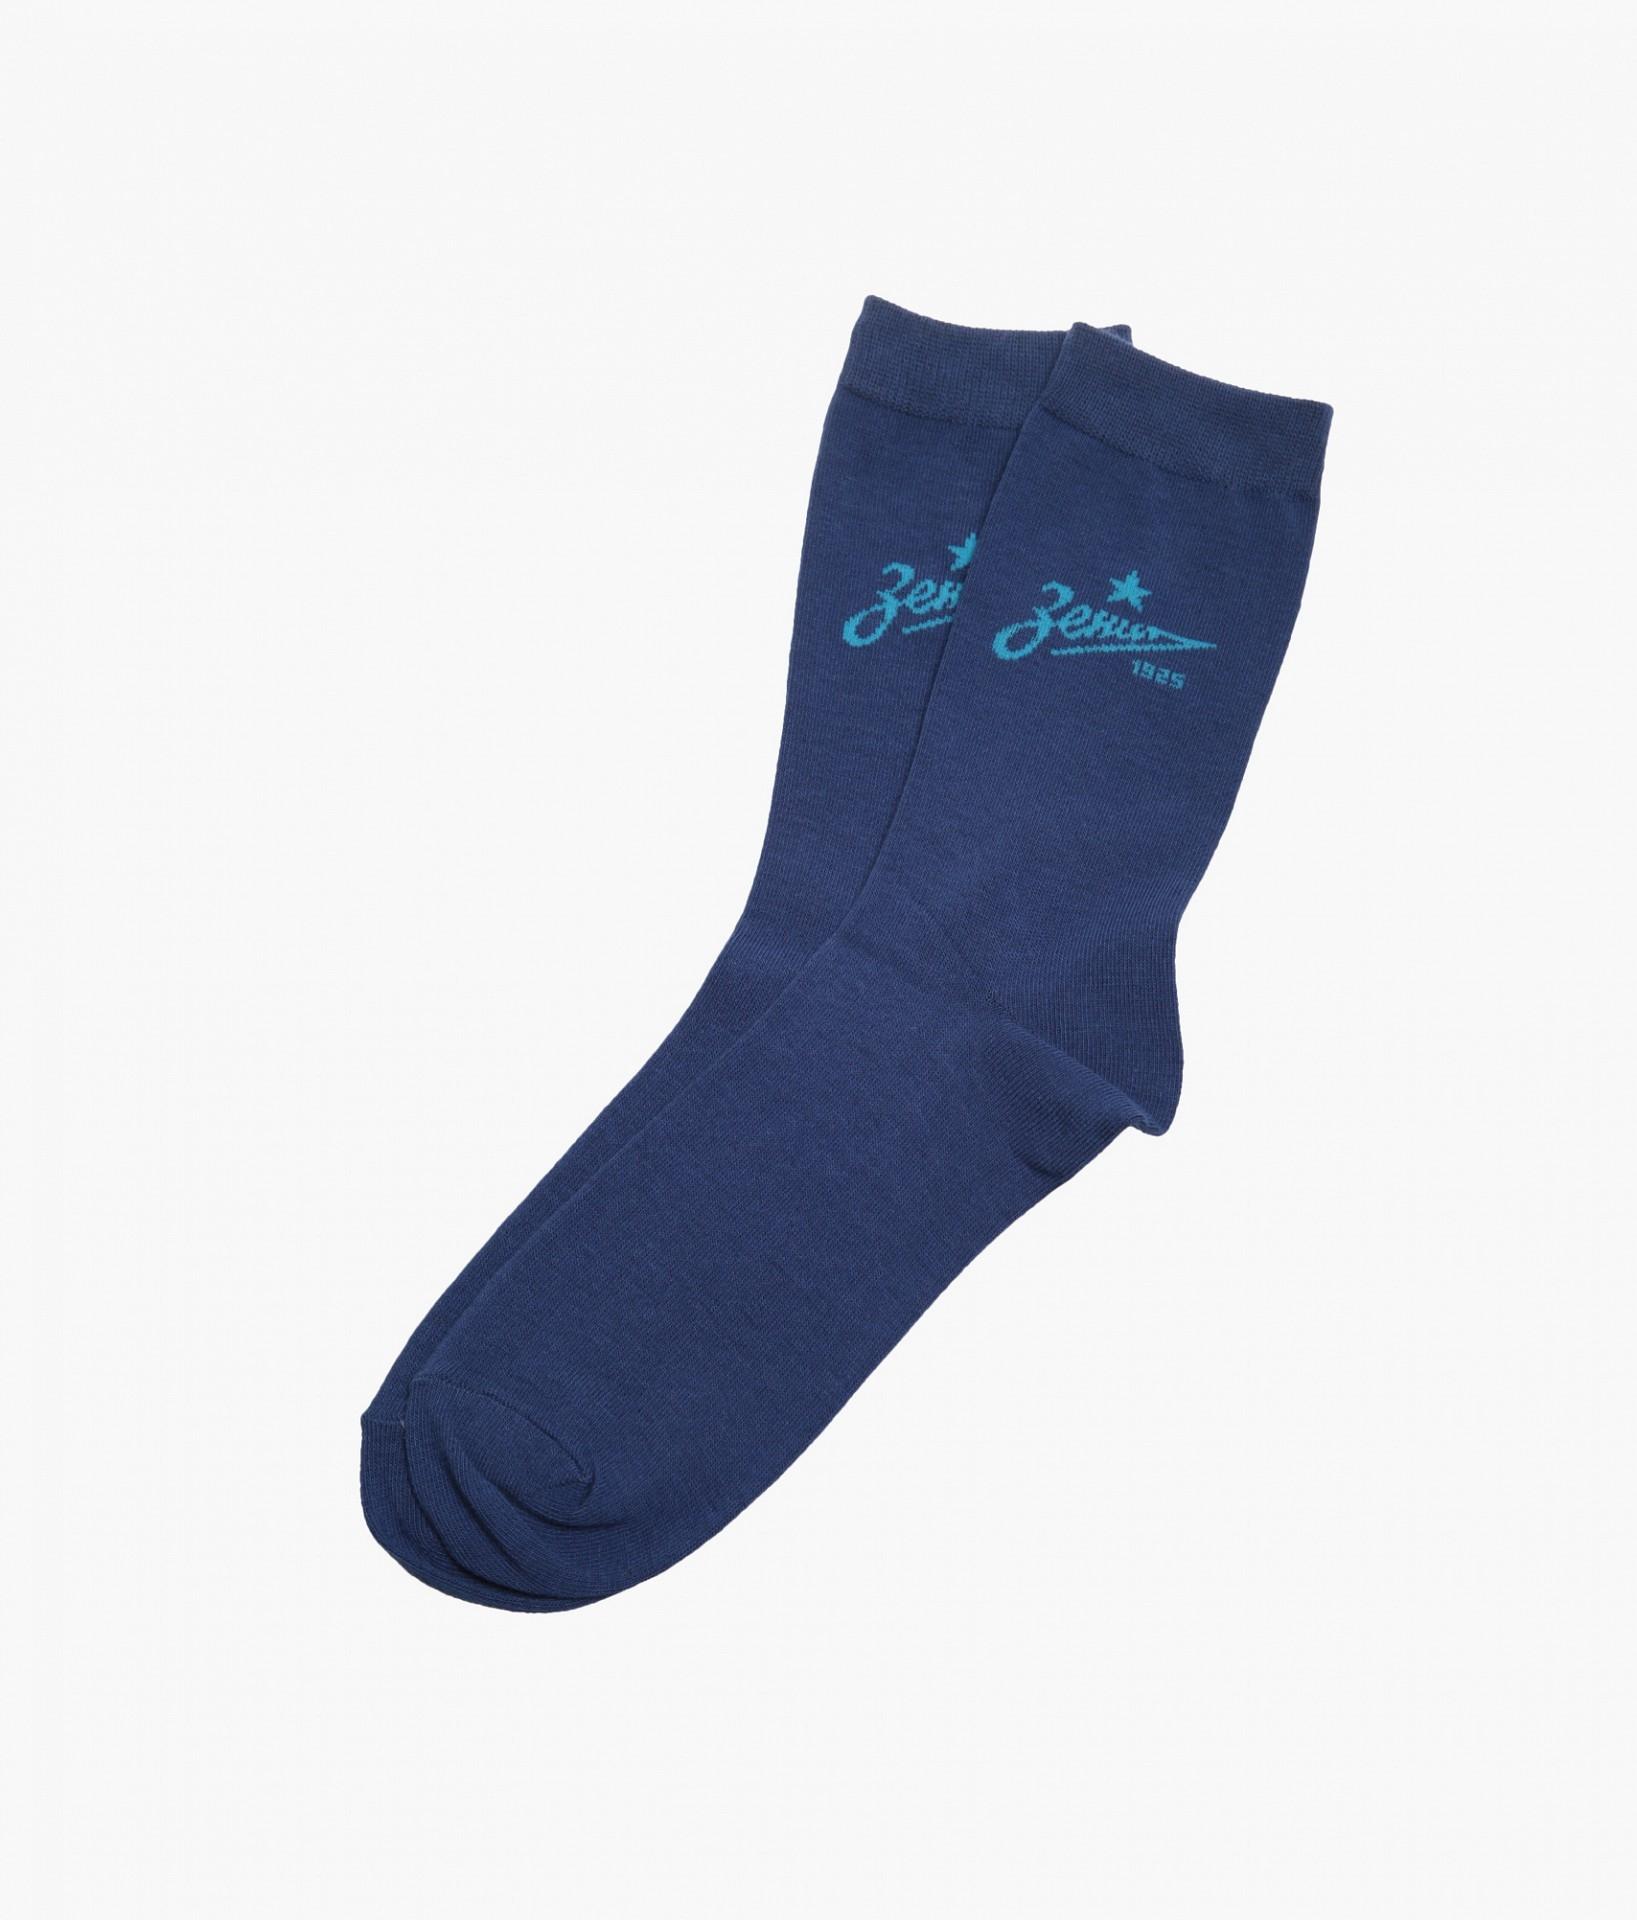 Фото - Носки мужские Зенит Цвет-Темно-Синий носки мужские стильная шерсть цвет темно серый белый 618 1с47 125 размер 29